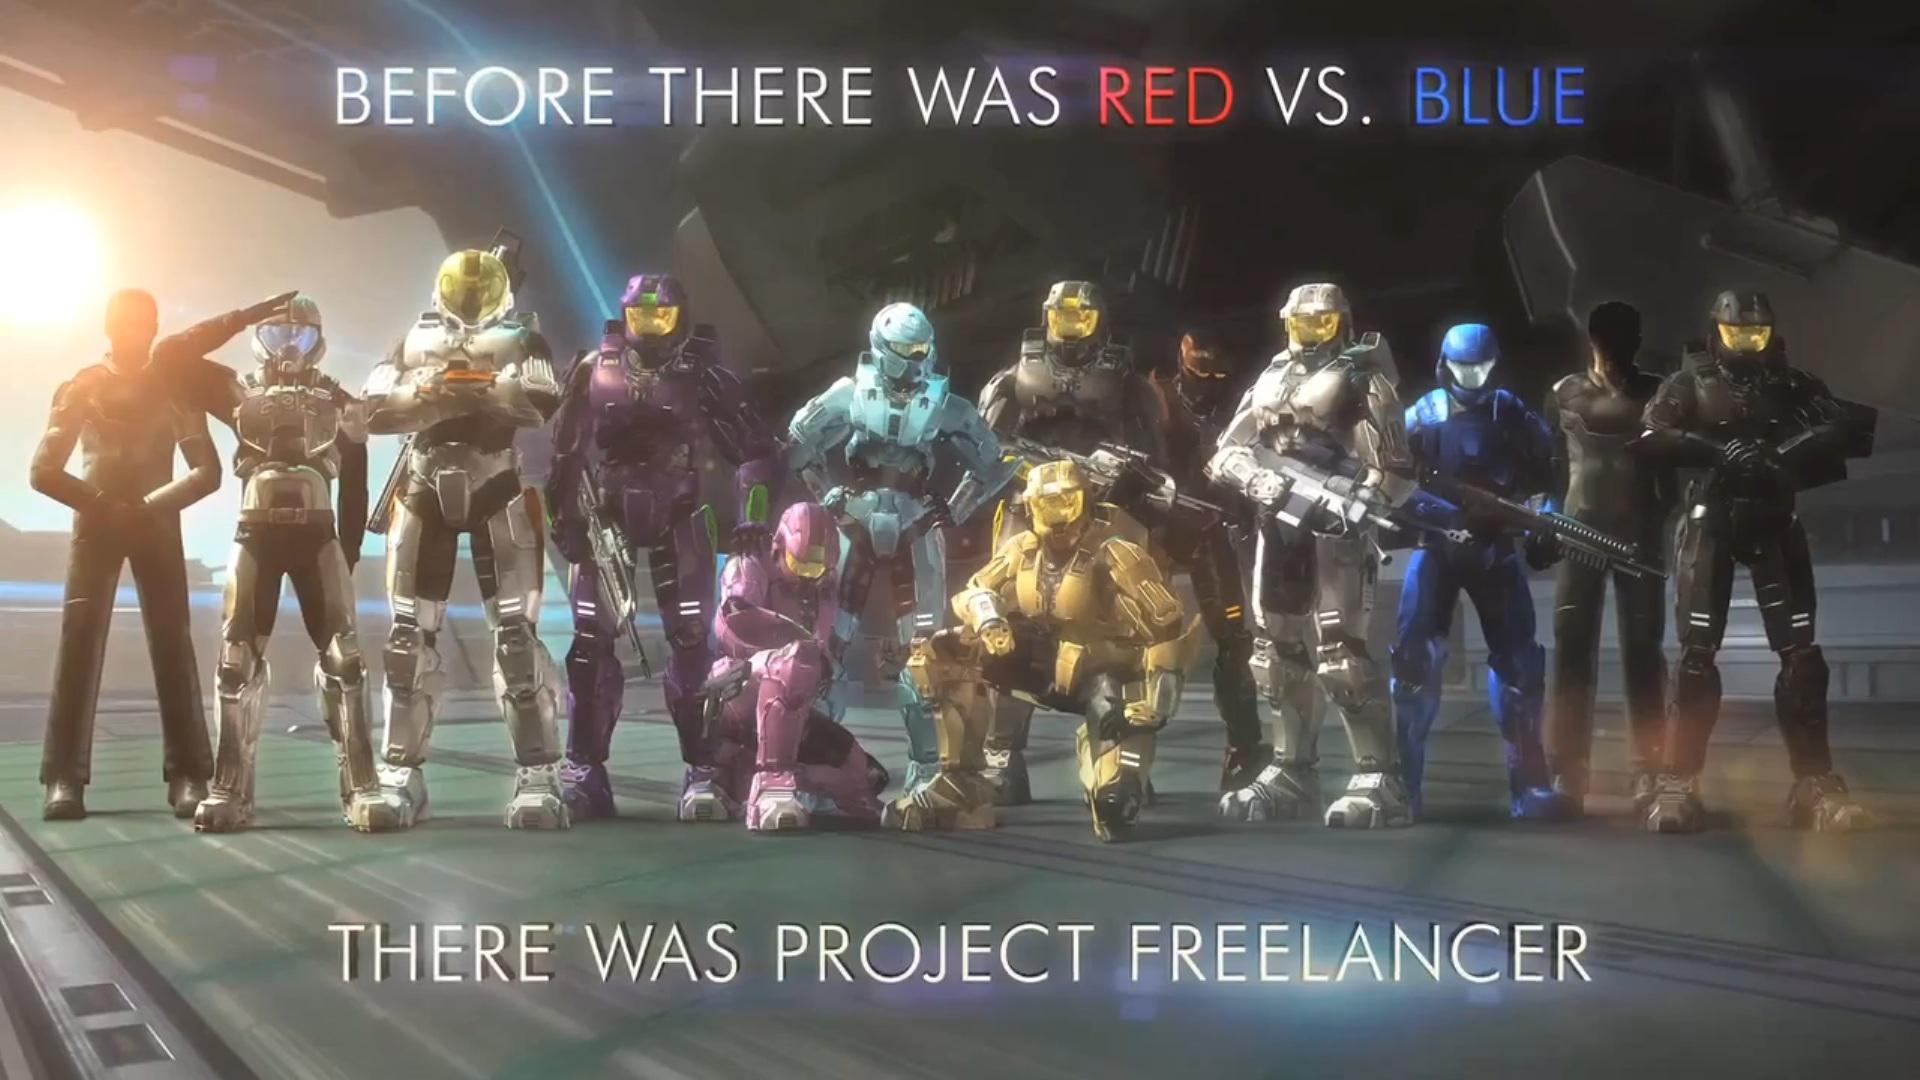 red vs blue wallpaper dump - album on imgur